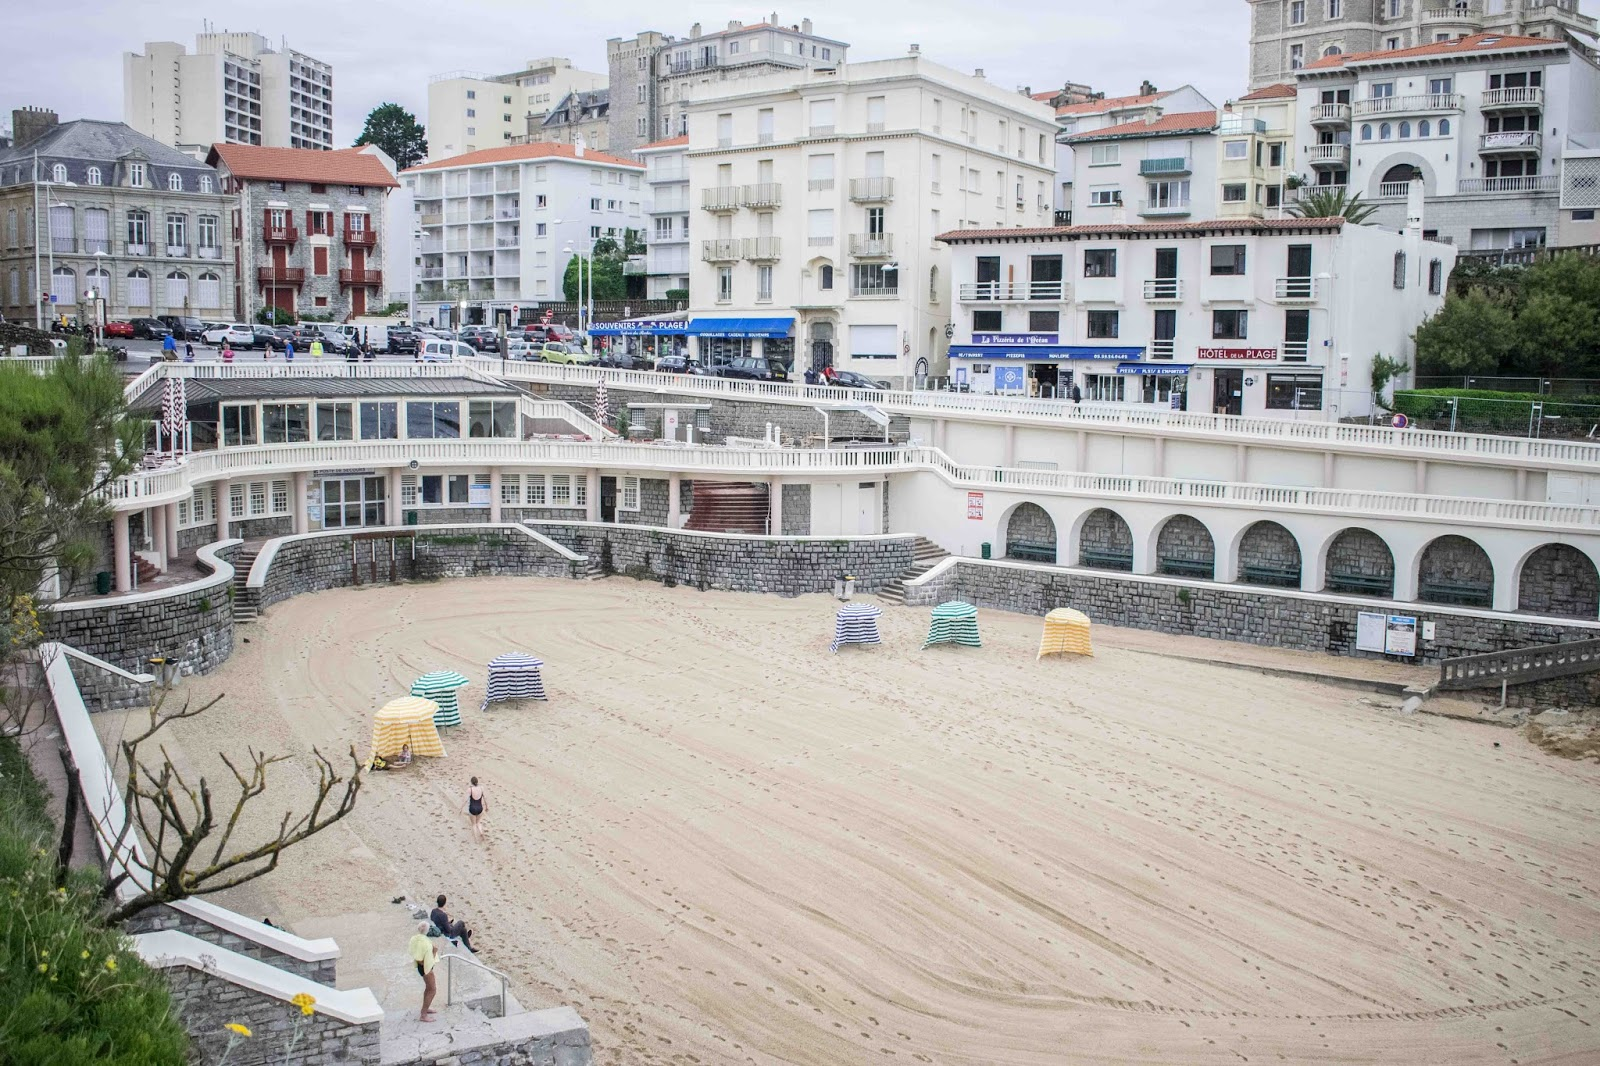 plage du port vieux